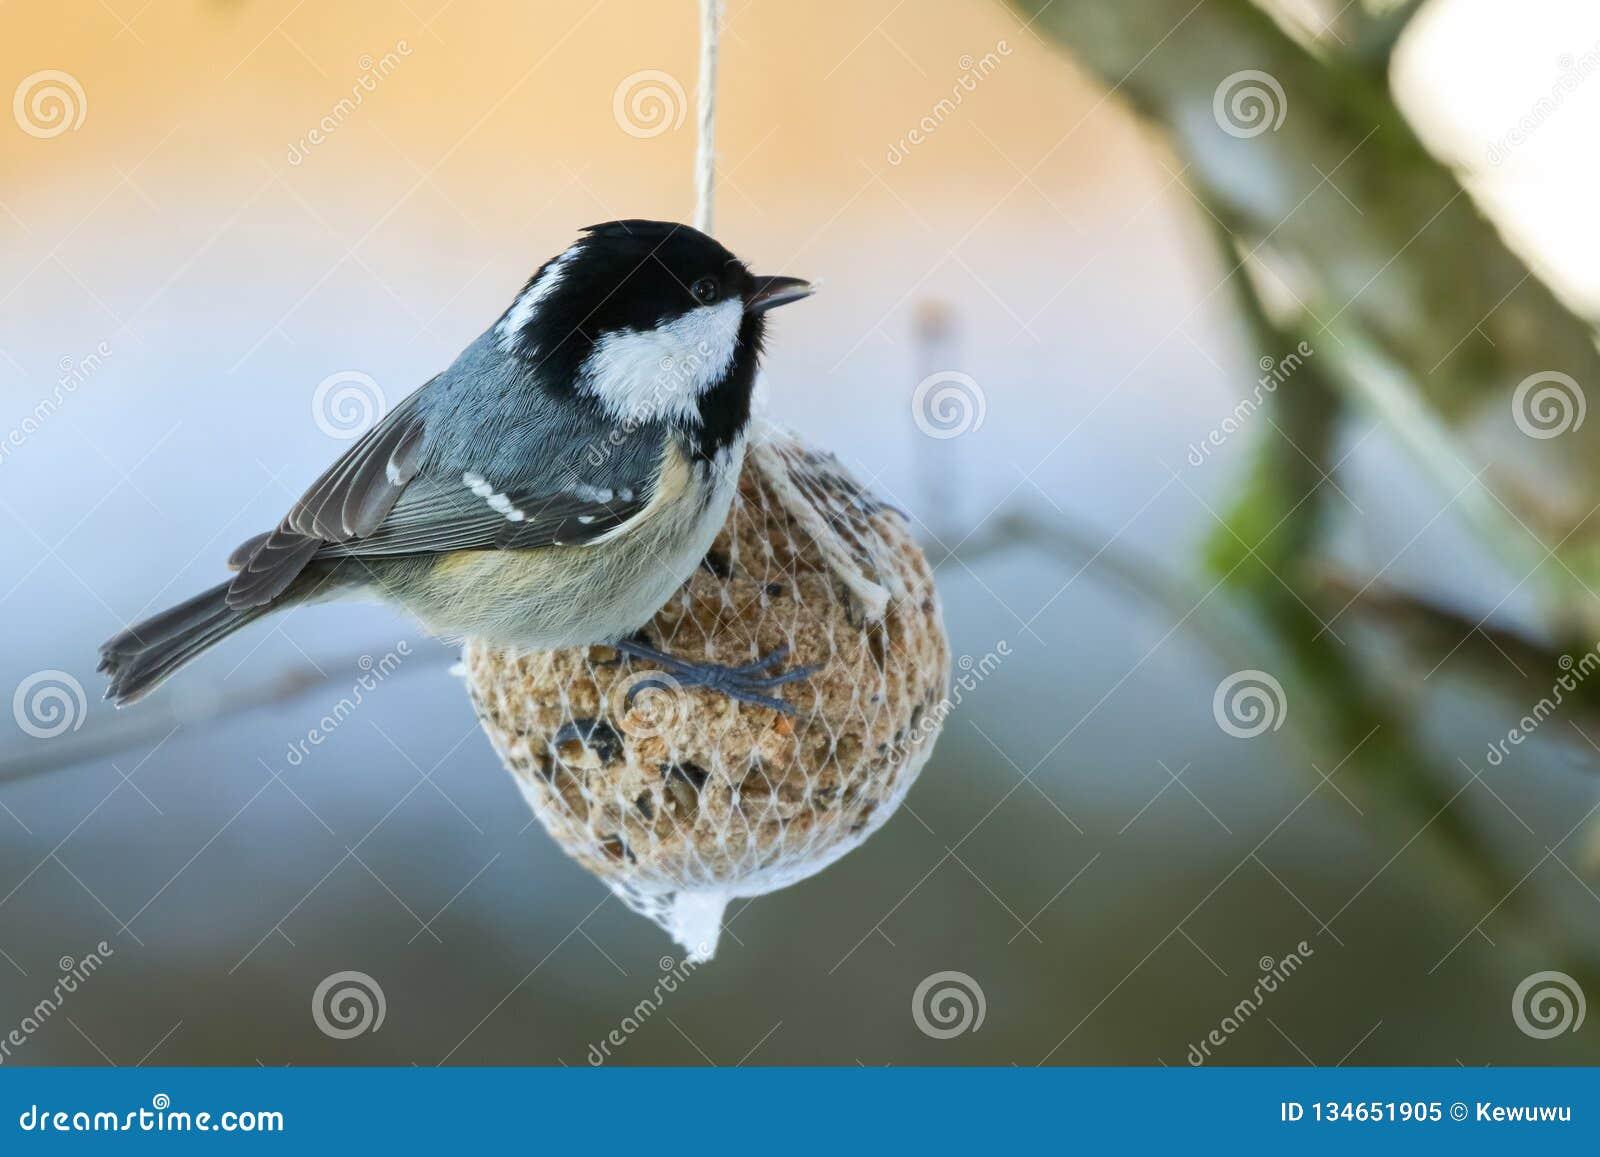 Kolmesfågel på tokigt frö i kopplad ihop påse Liten passerine på njurtalgfestförlagematare under vinter